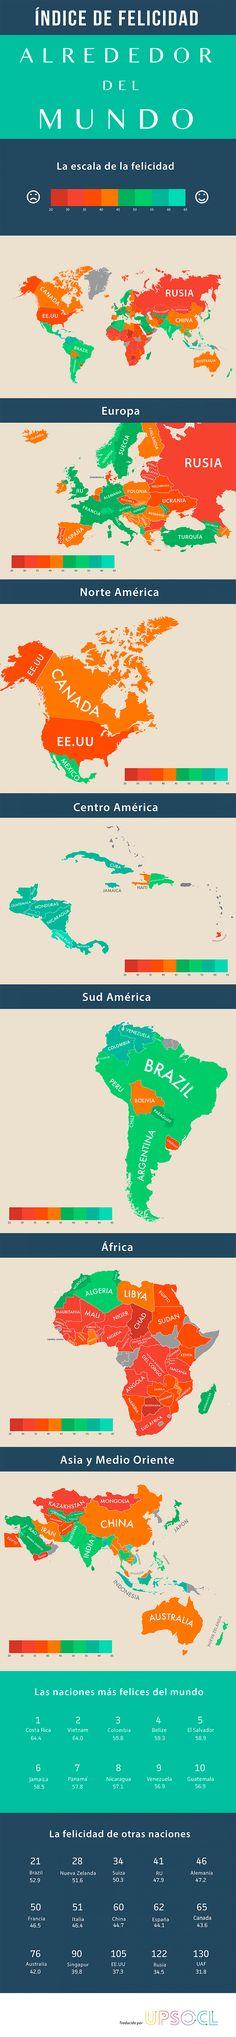 ¿Vives en un país feliz? Este mapa muestra la felicidad de las personas de países de todo el mundo. En otras palabras, se muestra el grado en que los países ofrecen una vida larga, feliz y ambientalmente sostenible para sus ciudadanos.